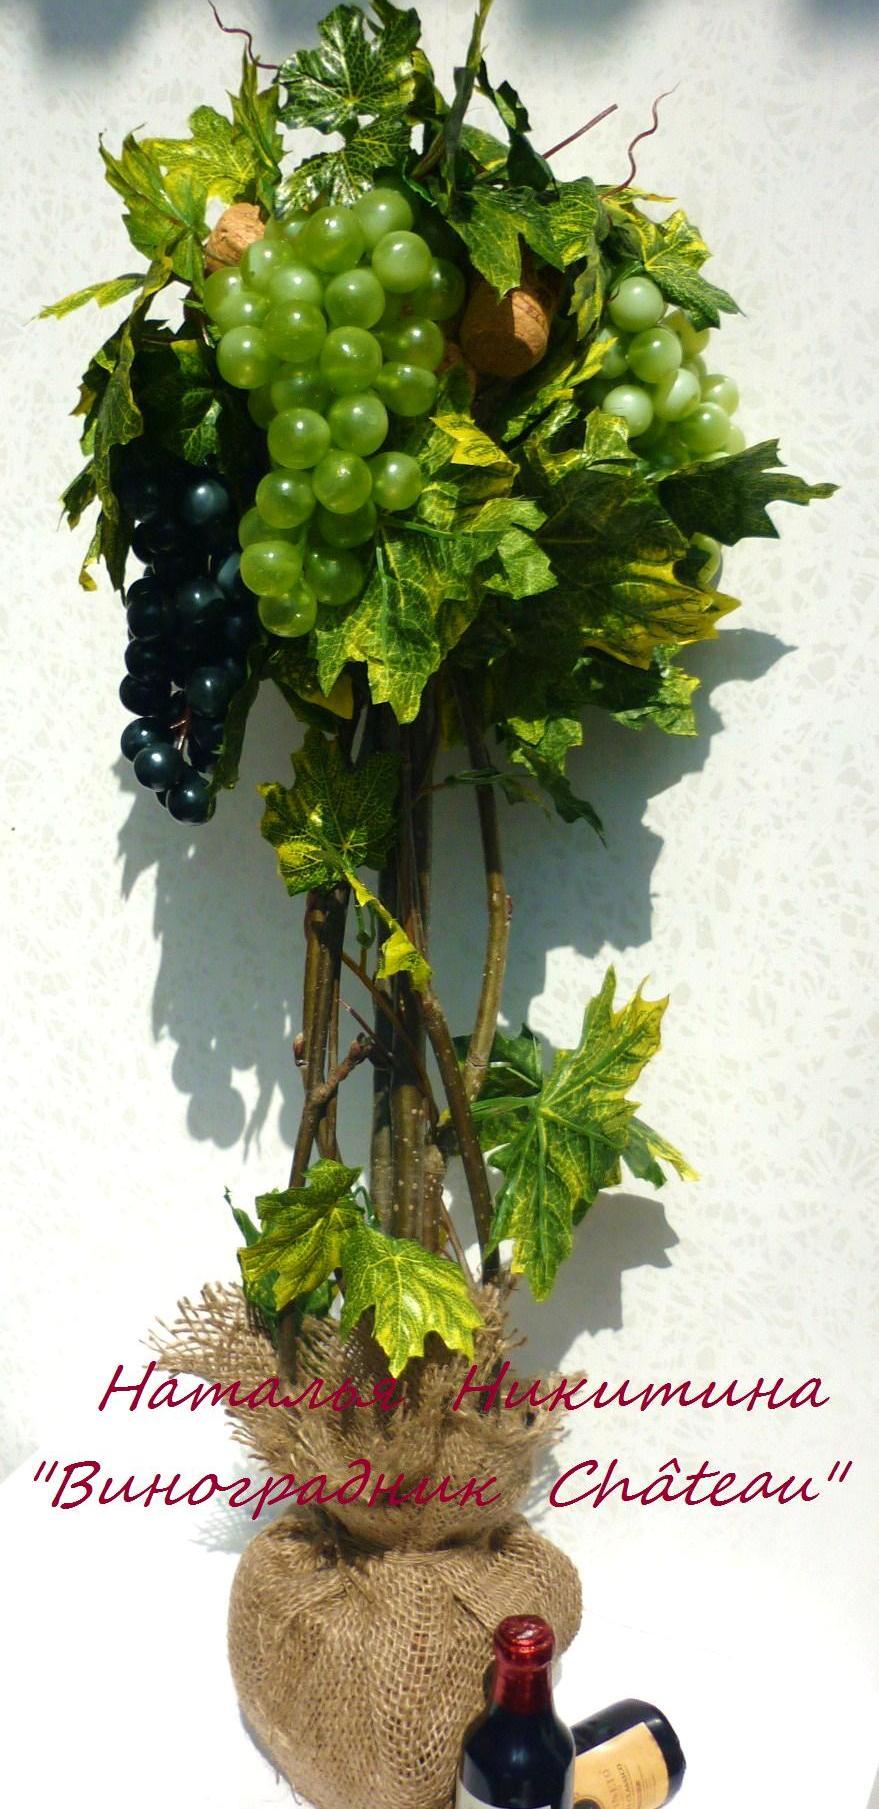 Мастер-класс по созданию винограда из бусин и фурнитуры